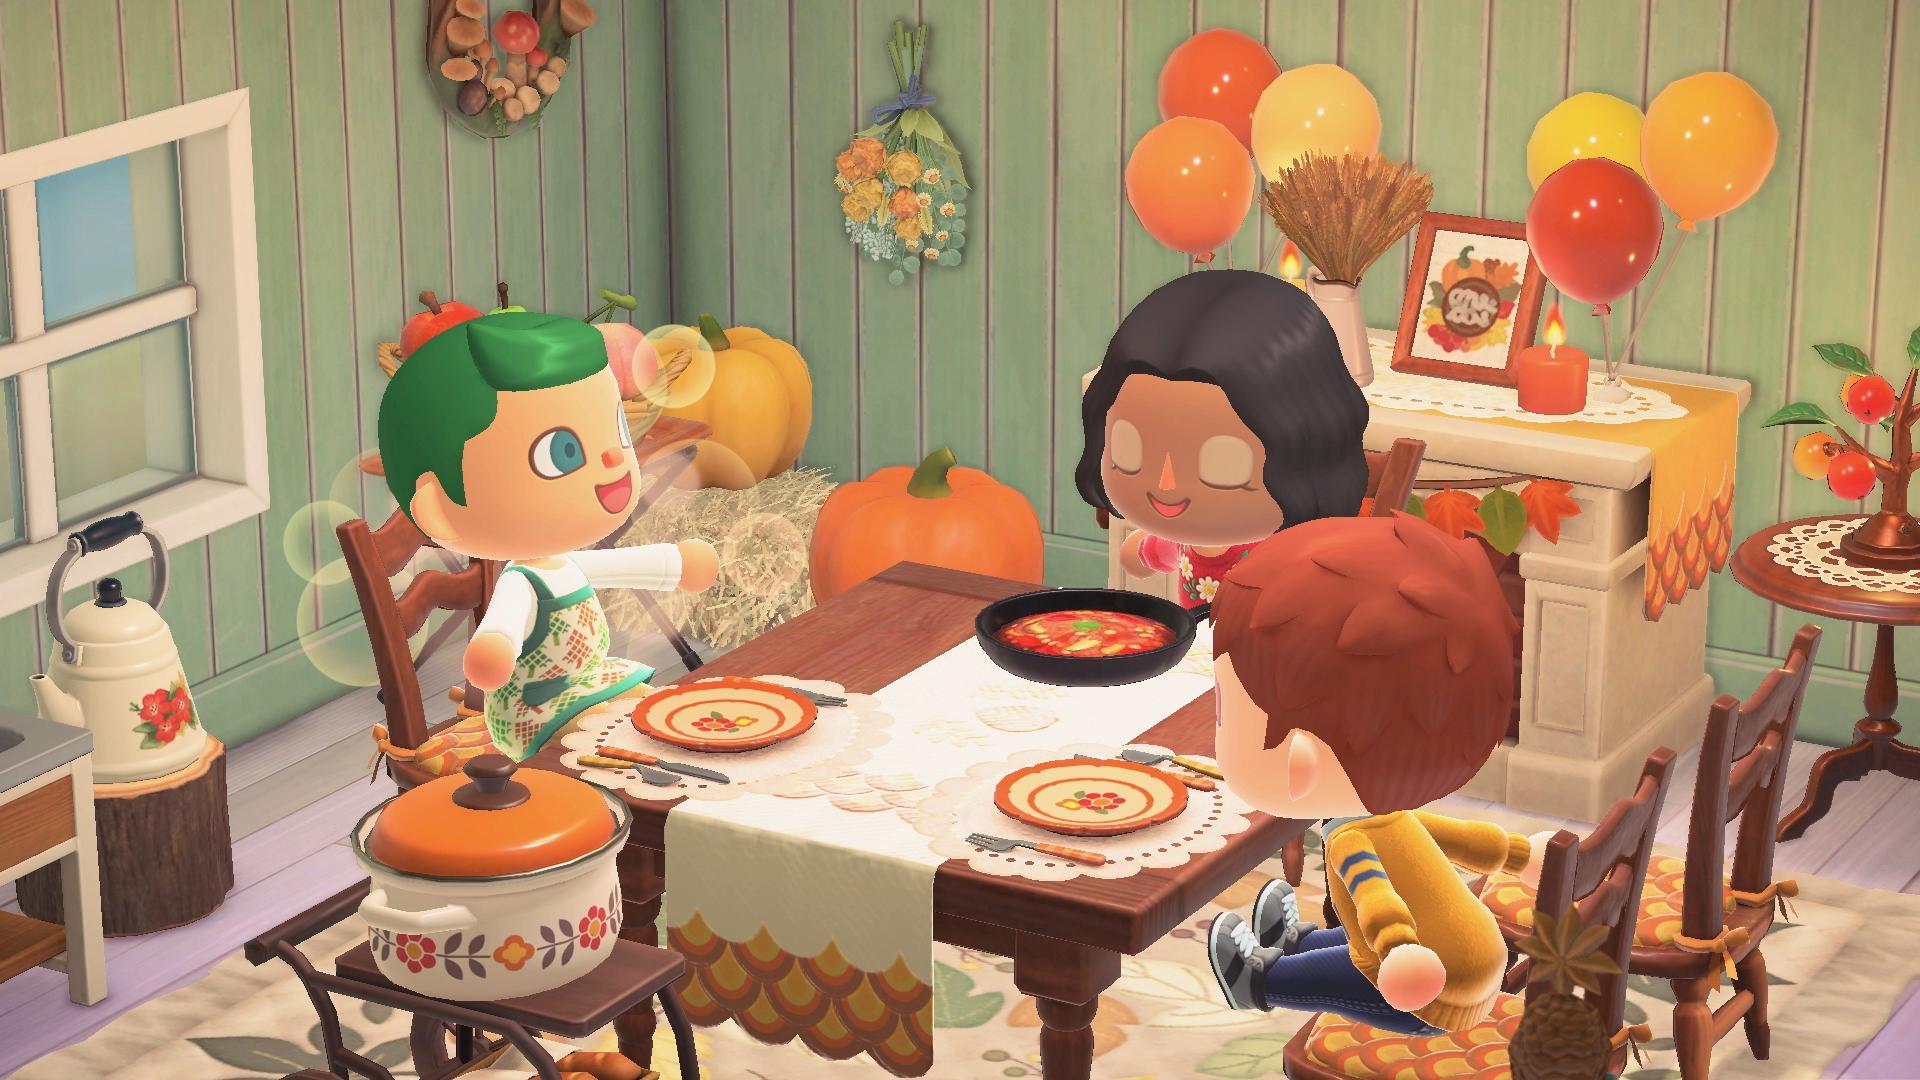 Animal Crossing New Horizons Winter Update Screen 1